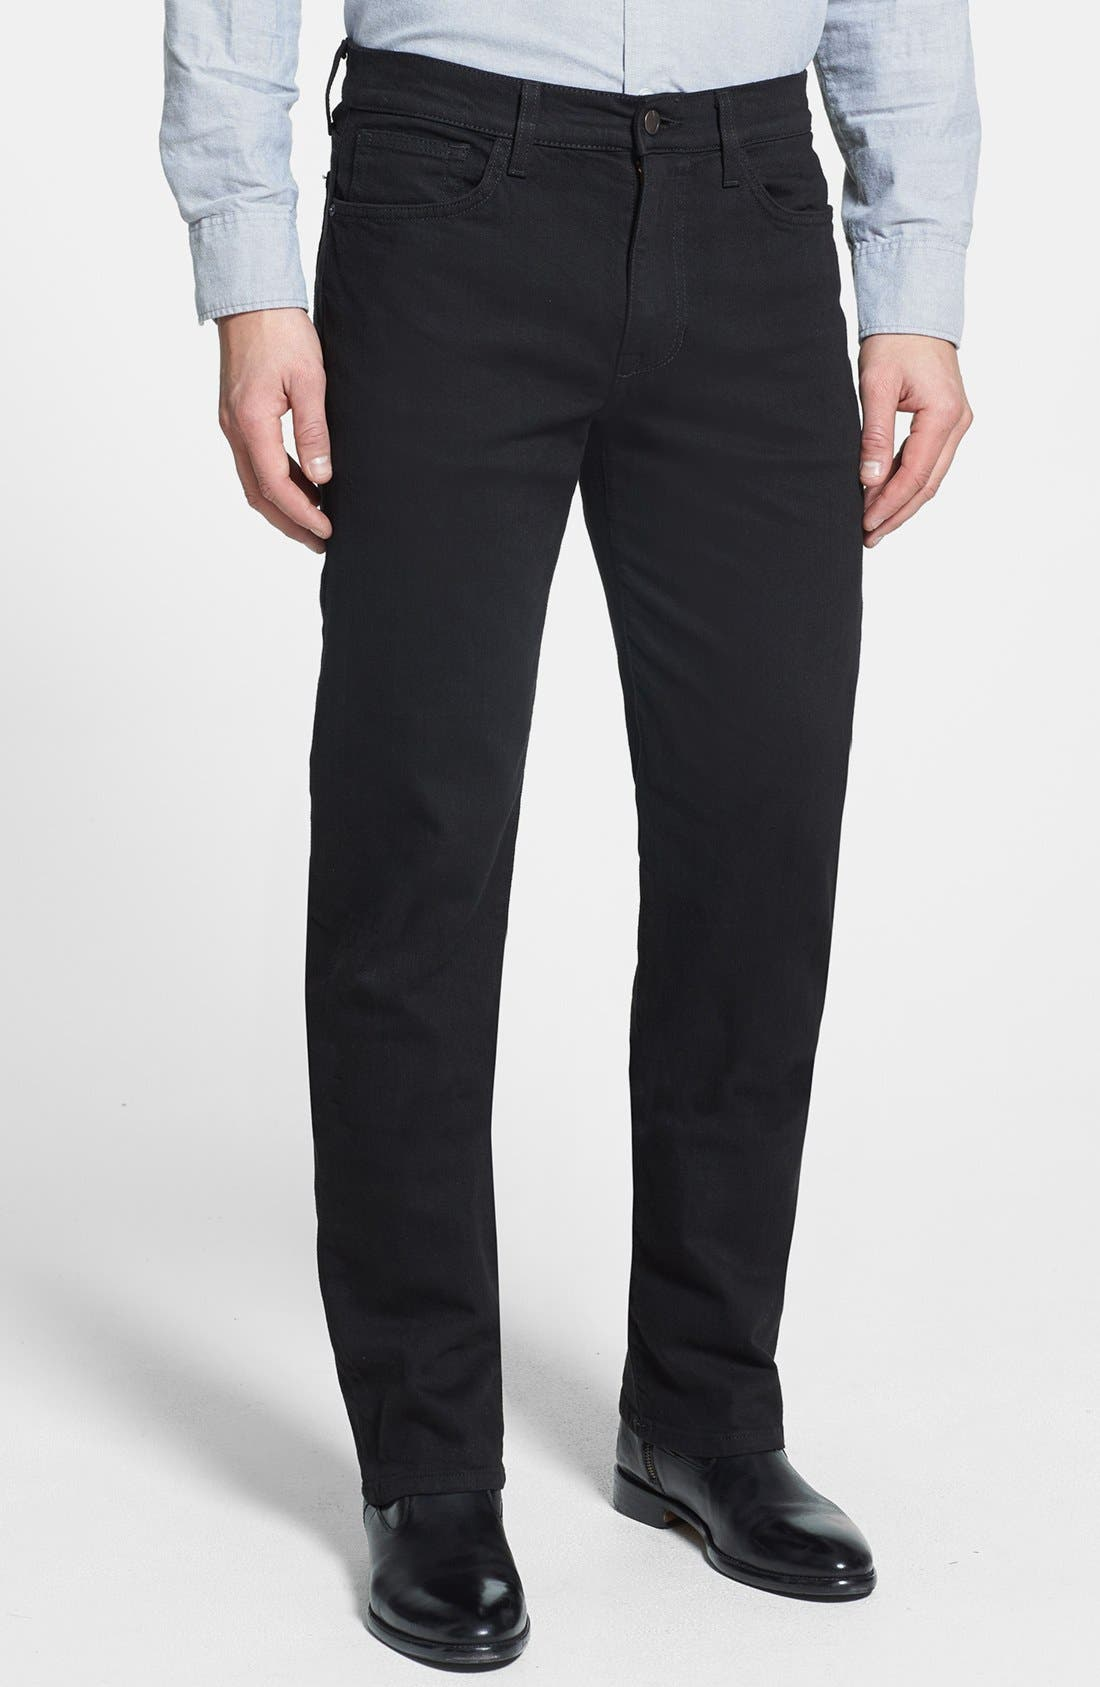 Main Image - Joe's 'Classic' Straight Leg Jeans (Jet Black)